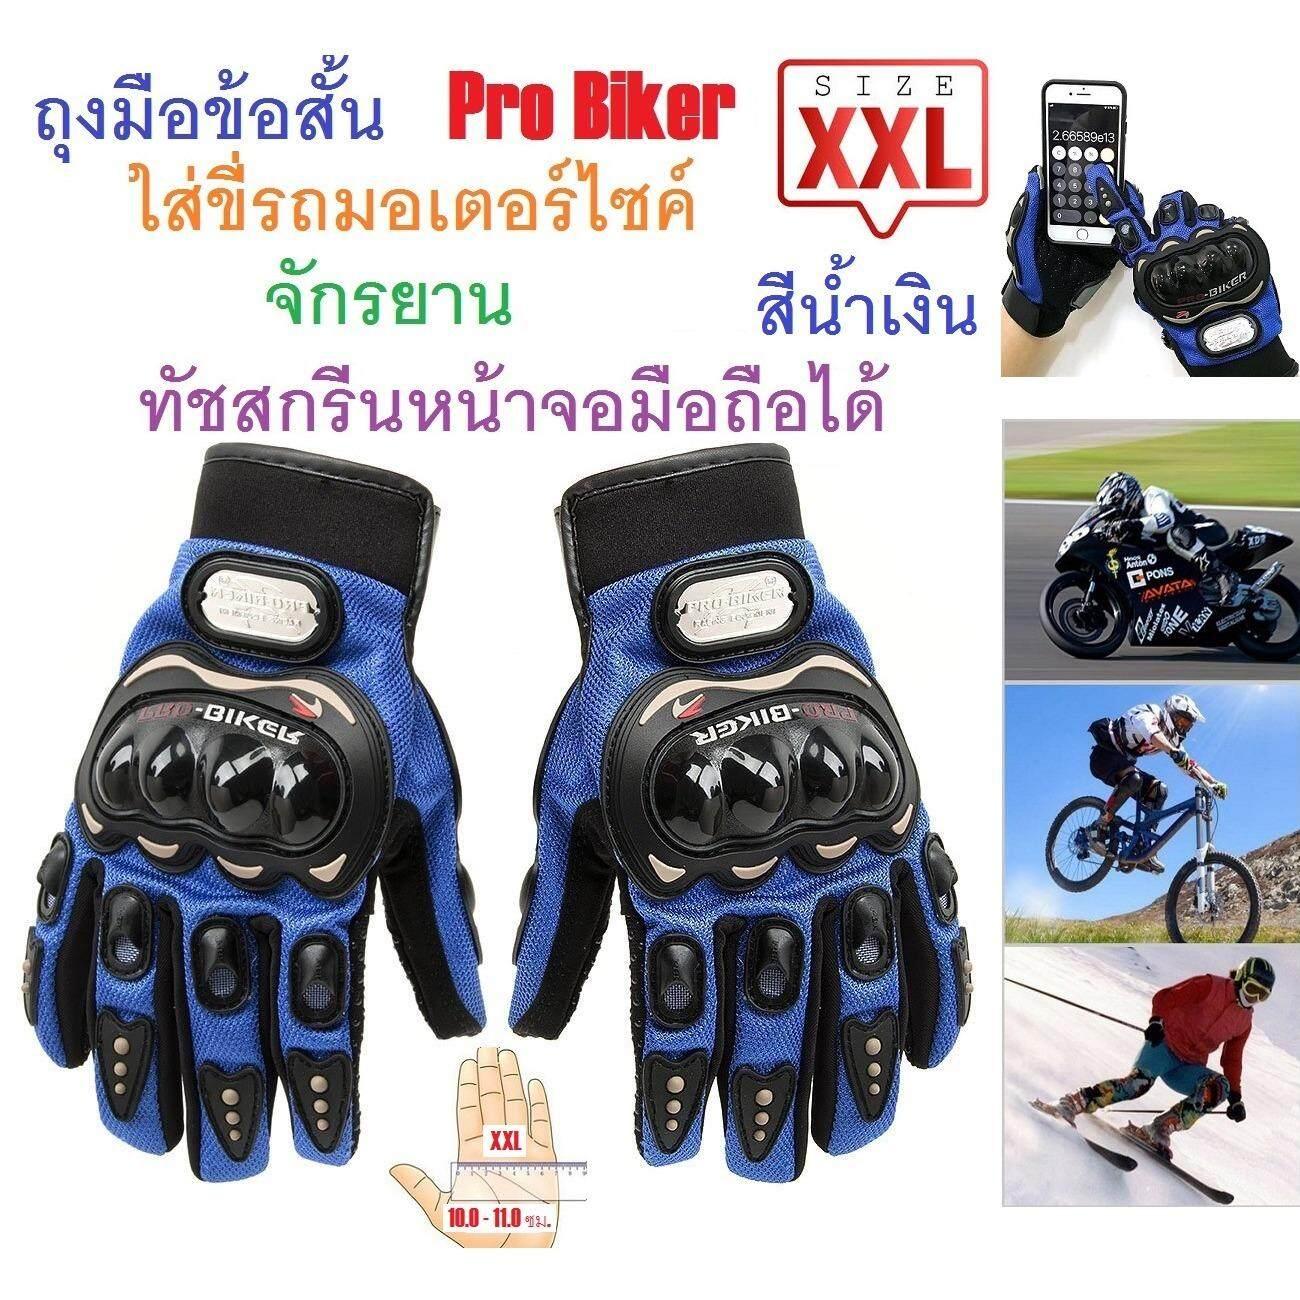 โปรโมชั่น G2G ถุงมือข้อสั้น Pro Biker ใส่ขับรถมอเตอร์ไซค์ ทัชสกรีนหน้าจอมือถือได้ สำหรับชาวไบเกอร์ Size Xxl สีน้ำเงิน จำนวน 1 ชิ้น กรุงเทพมหานคร